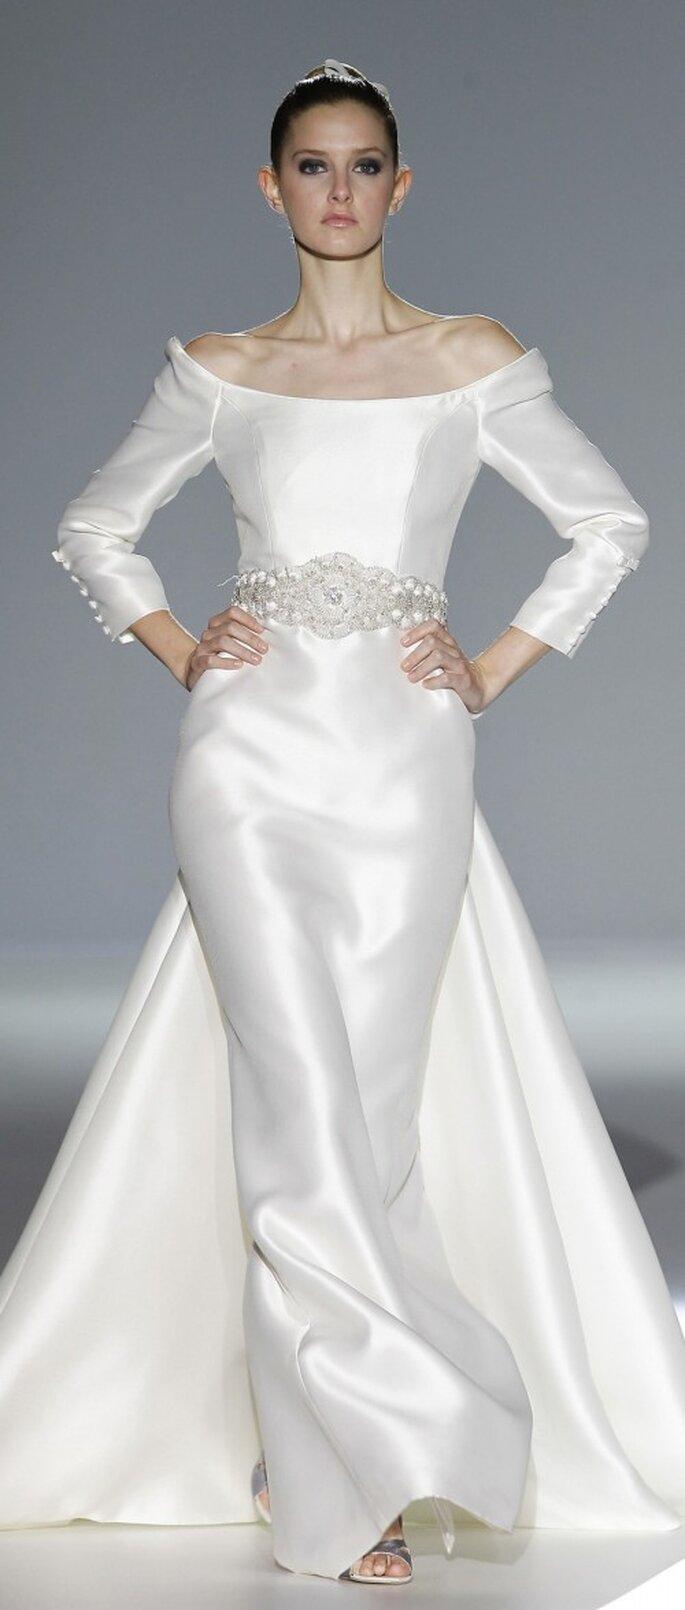 Die aktuellen Kollektionen präsentieren ebenfalls ideale Brautkleider für eine traumhafte Winterhochzeit – Foto: Ugo Camera